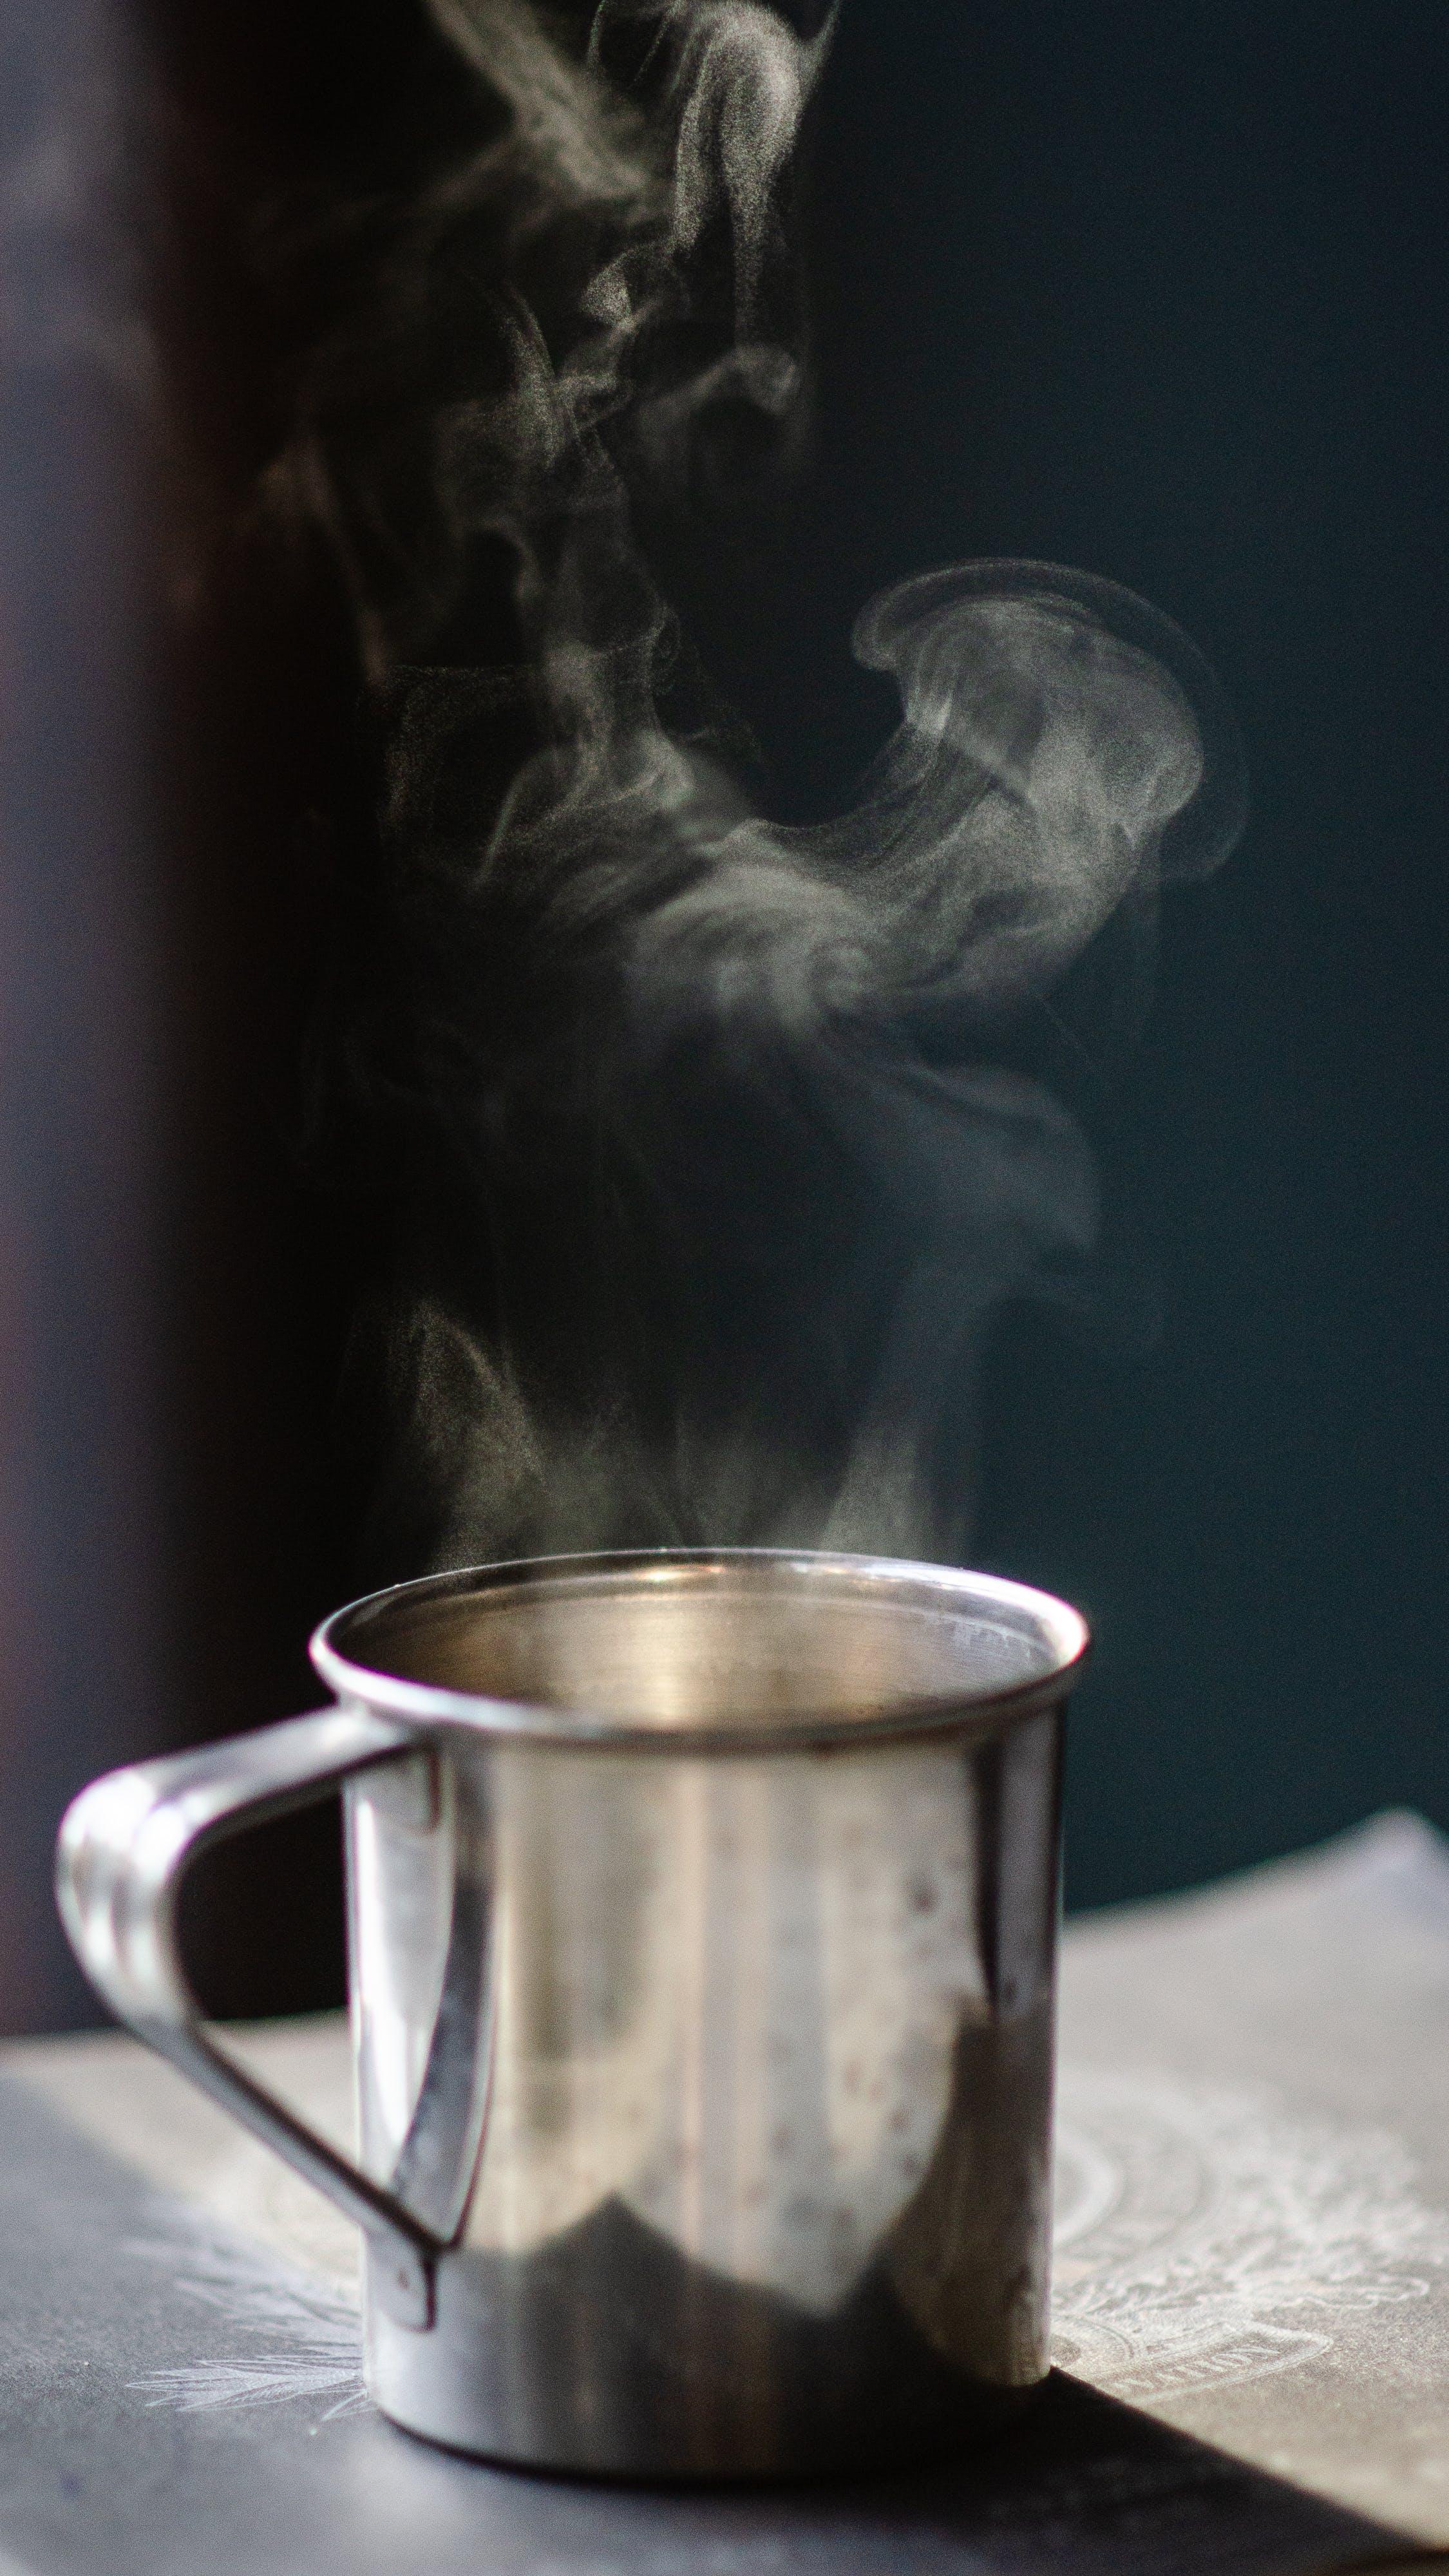 一杯咖啡, 咖啡, 咖啡杯, 咖啡飲料 的 免费素材照片